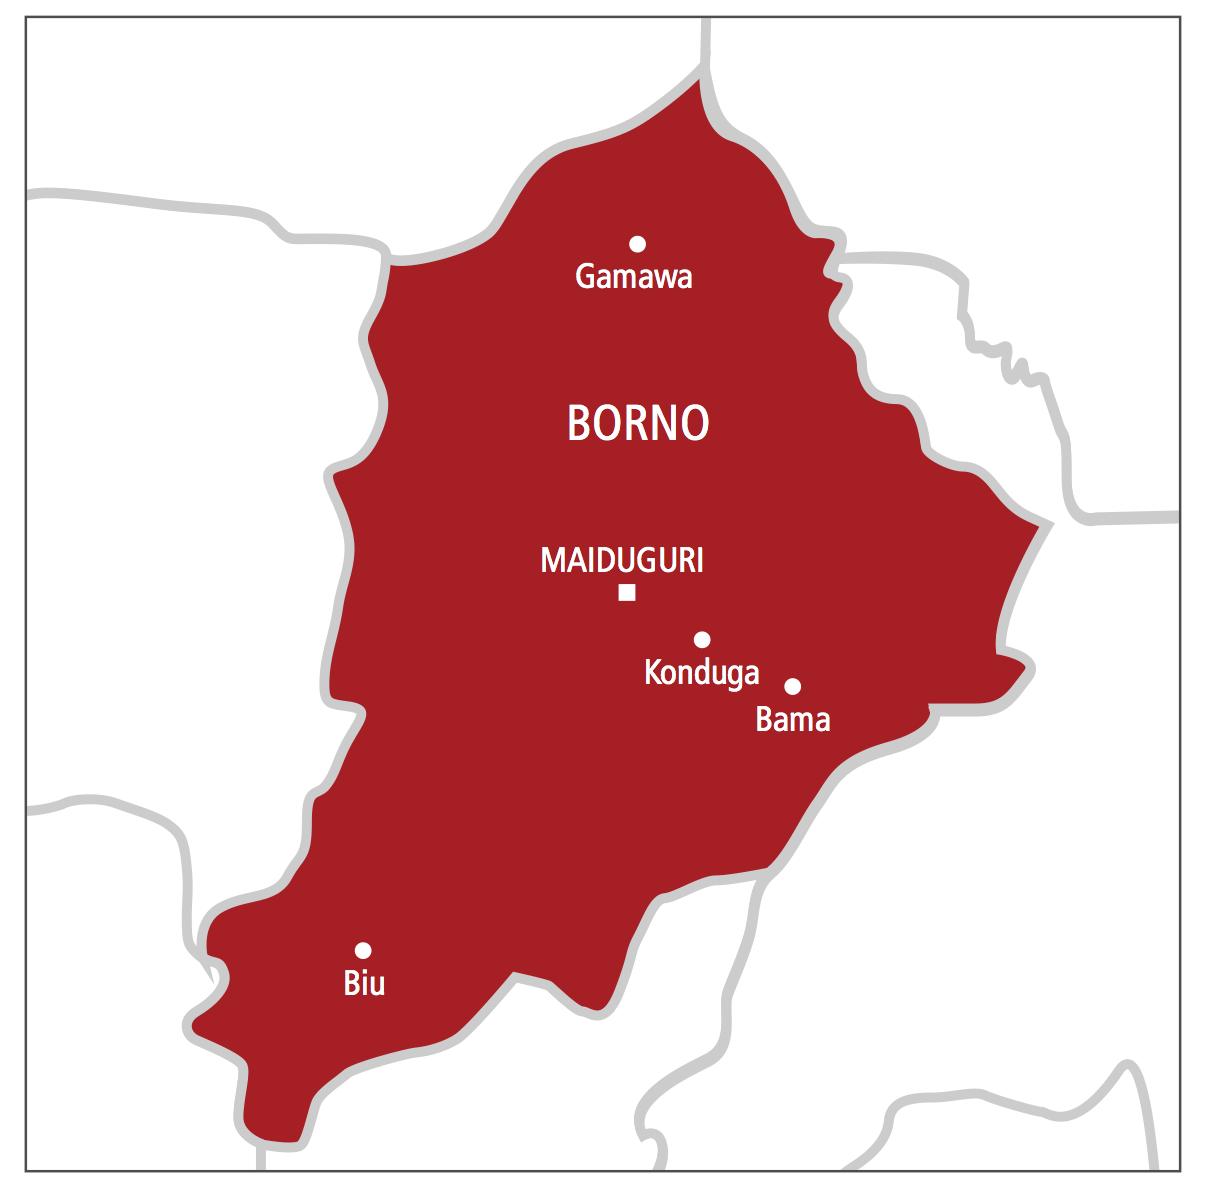 Magaidi walishambulia msafara wa Gavana wa Borno, Babagana Umara Zulum karibu na mji wa Baga pembezoni lwa Ziwa Chad.